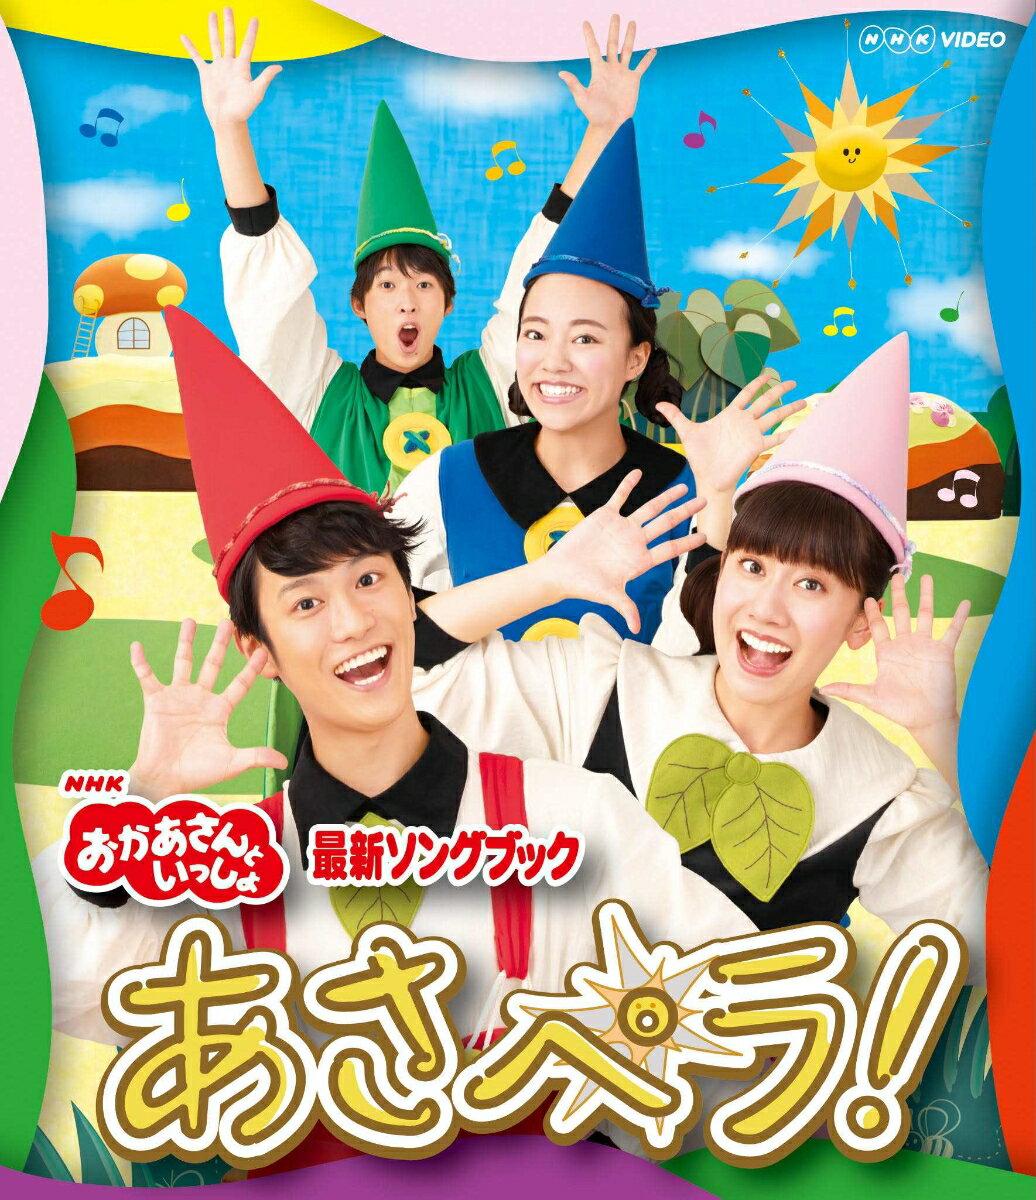 NHK「おかあさんといっしょ」最新ソングブック あさペラ! 【Blu-ray】